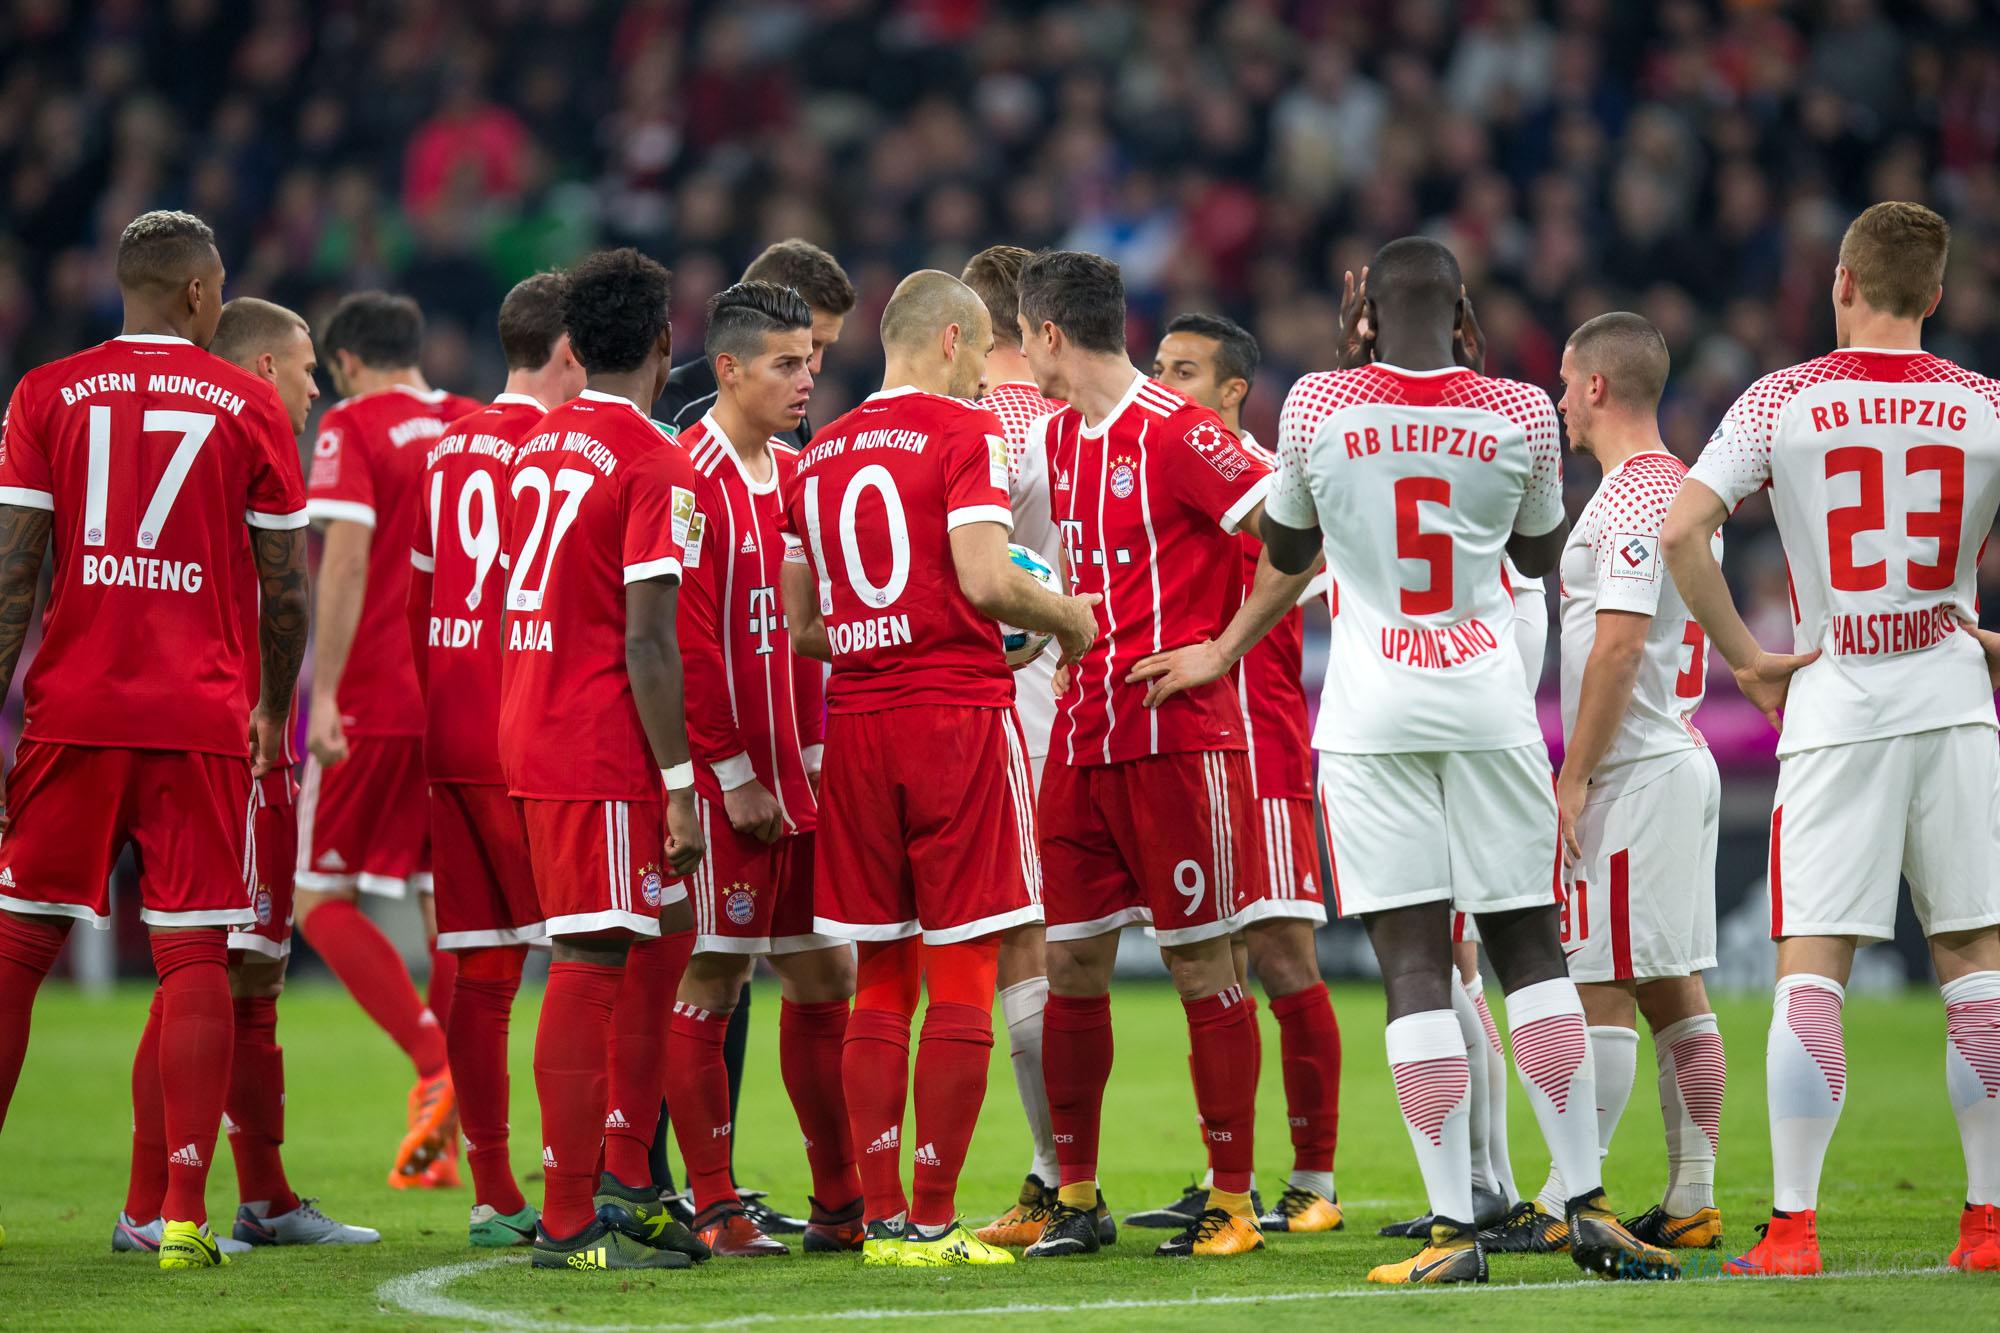 FCB_RG_Leipzig-8